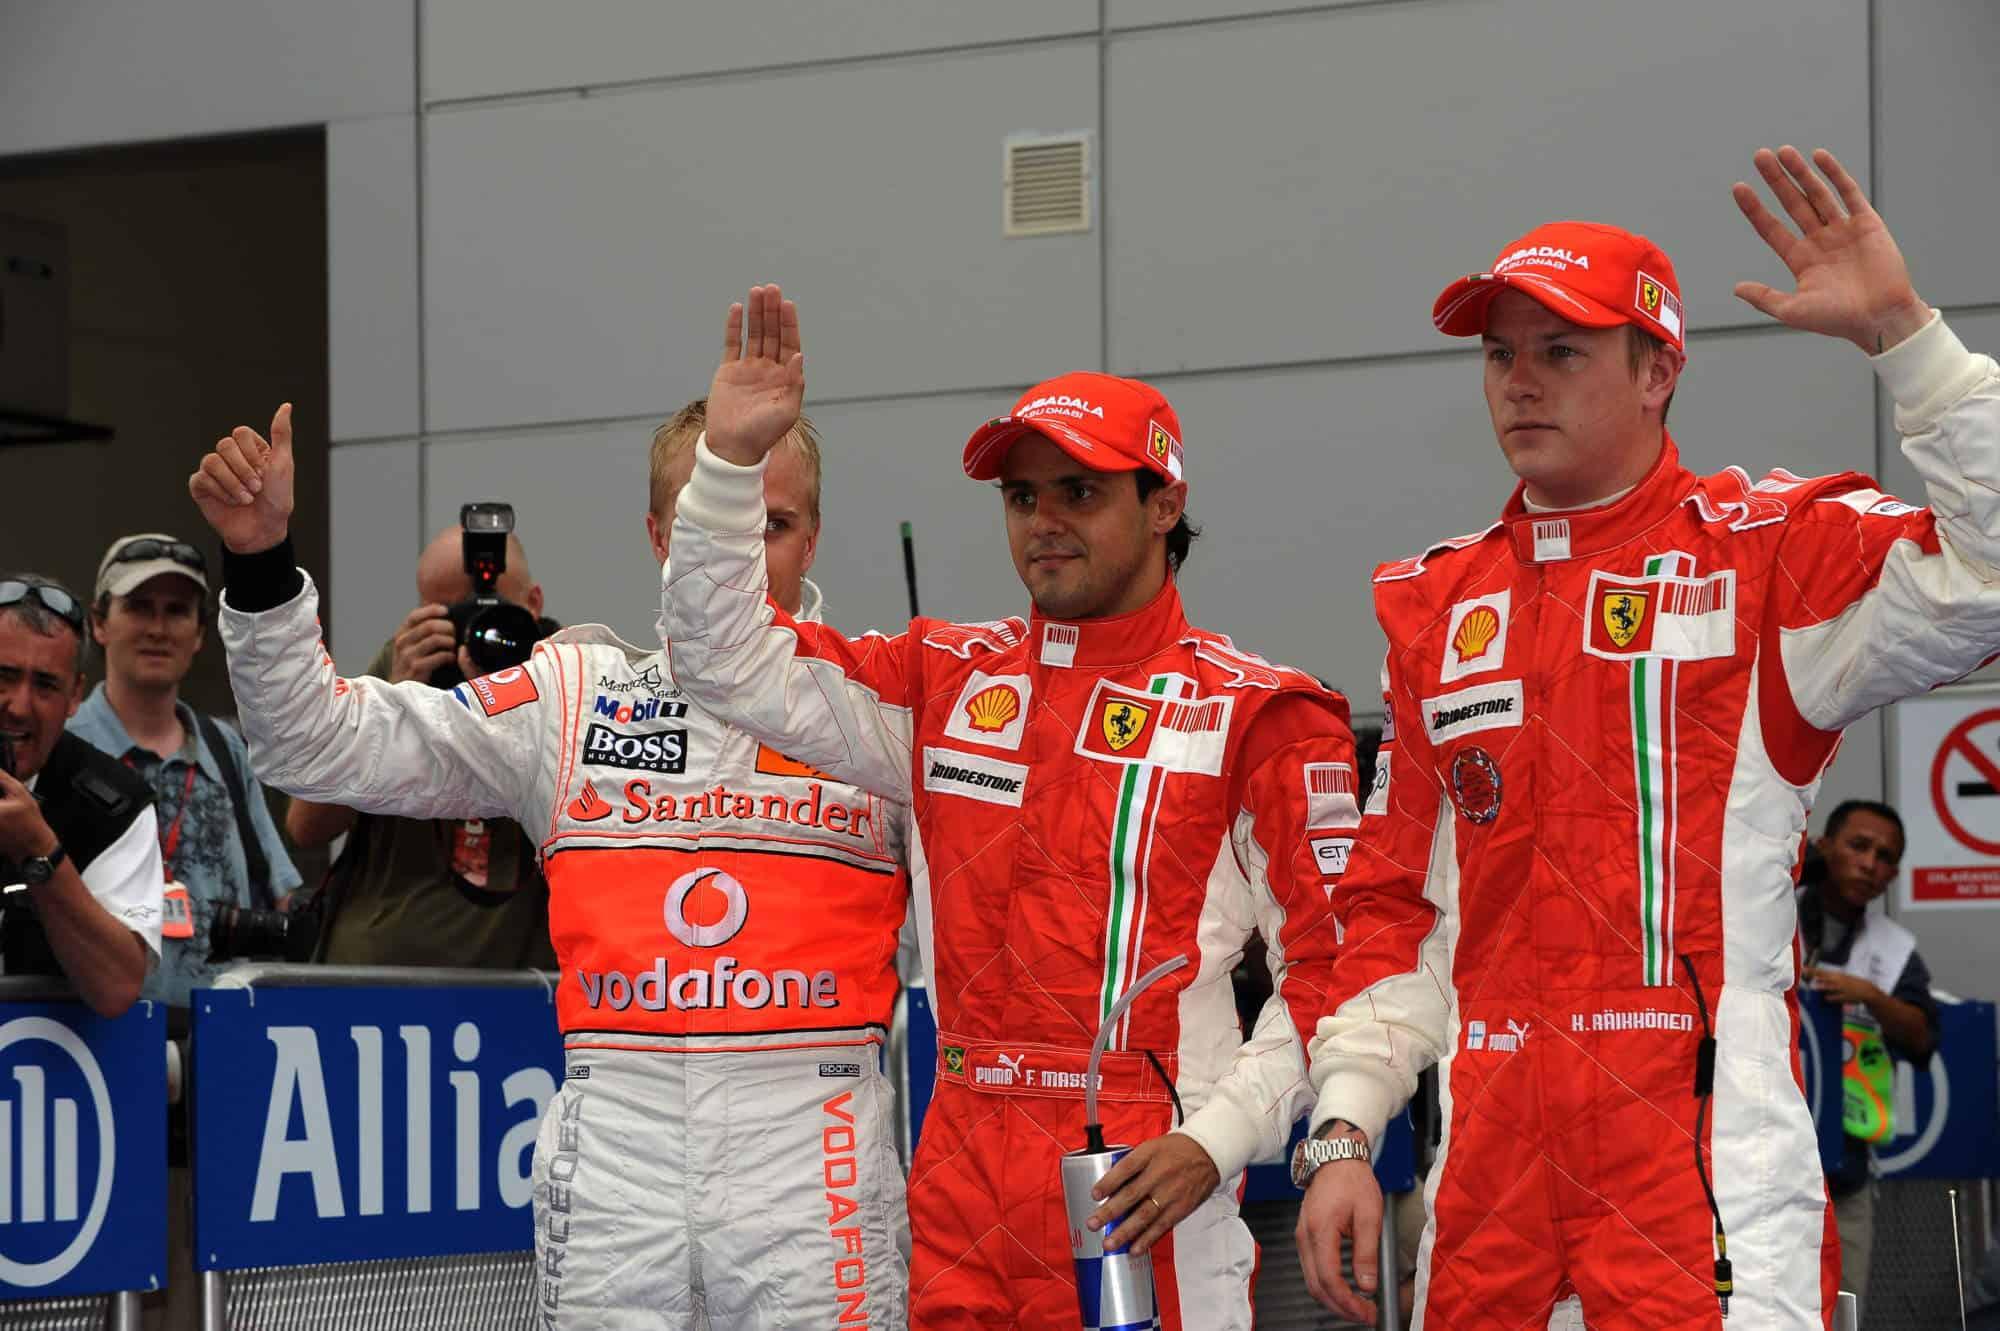 2008 Malaysian GP Massa Raikkonen Kovalainen after qualifying Photo Ferrari